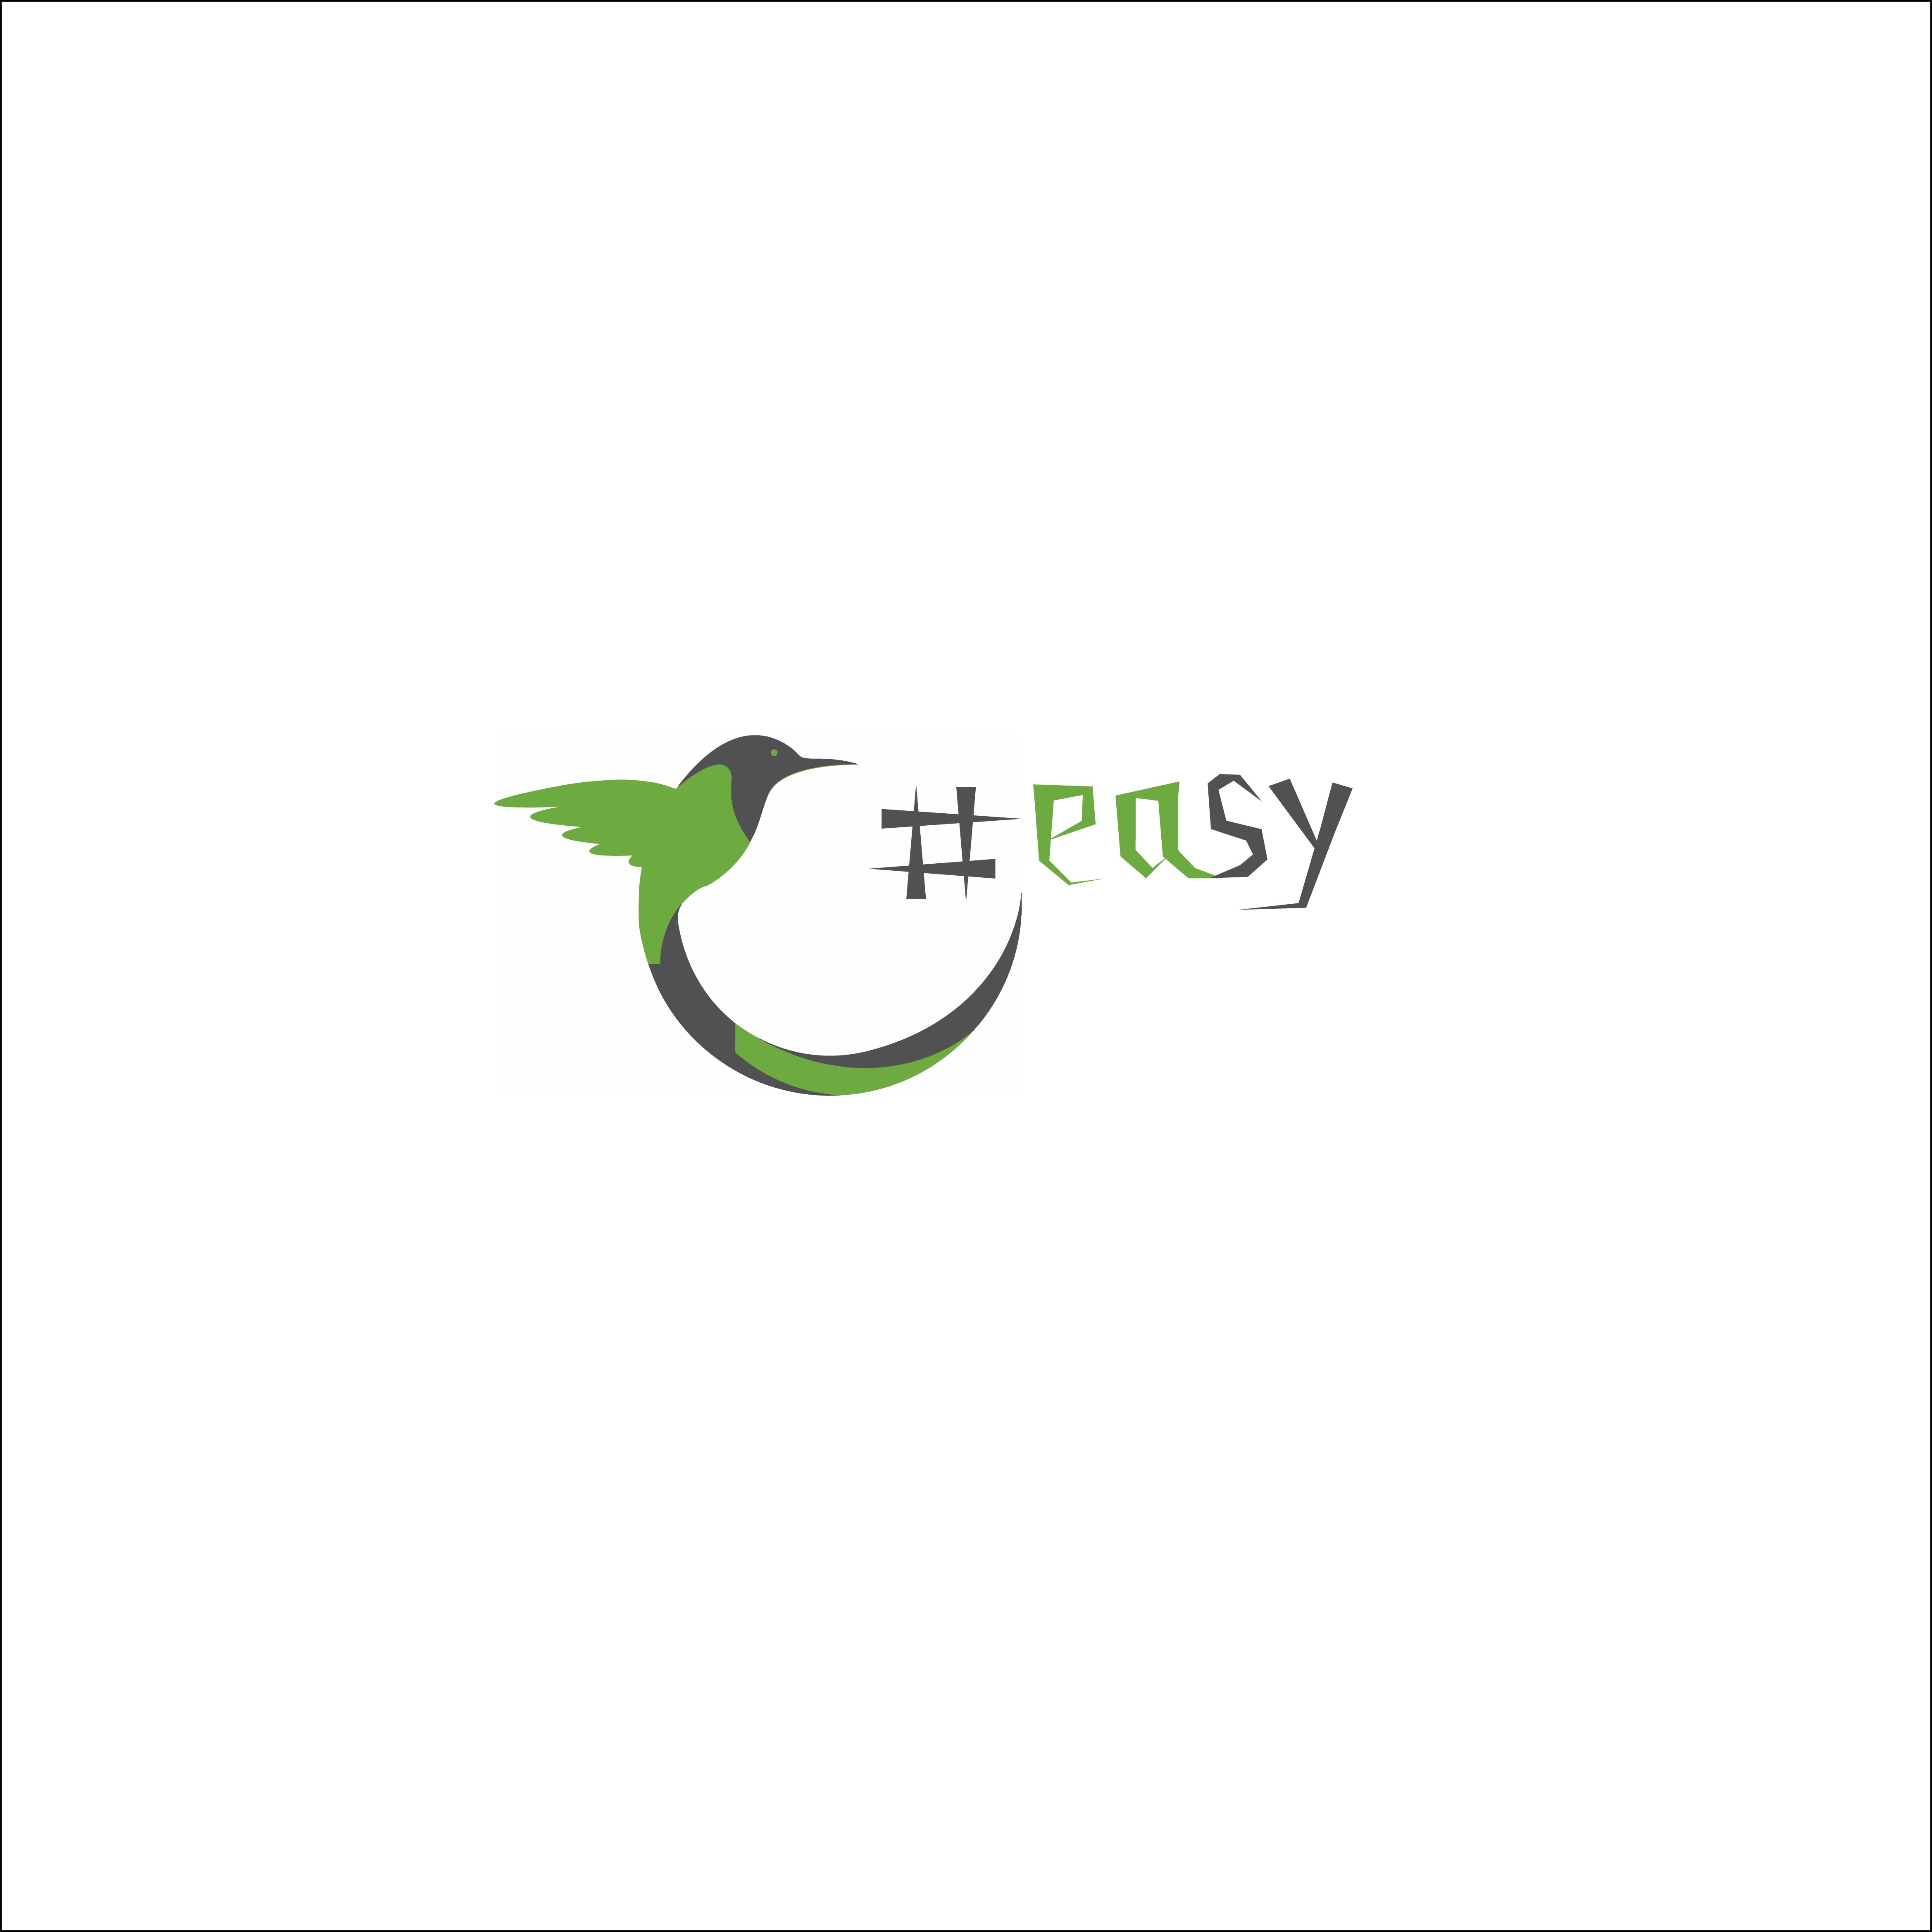 Разработка логотипа в виде хэштега #easy с зеленой колибри  фото f_6185d4ea4d218adc.jpg